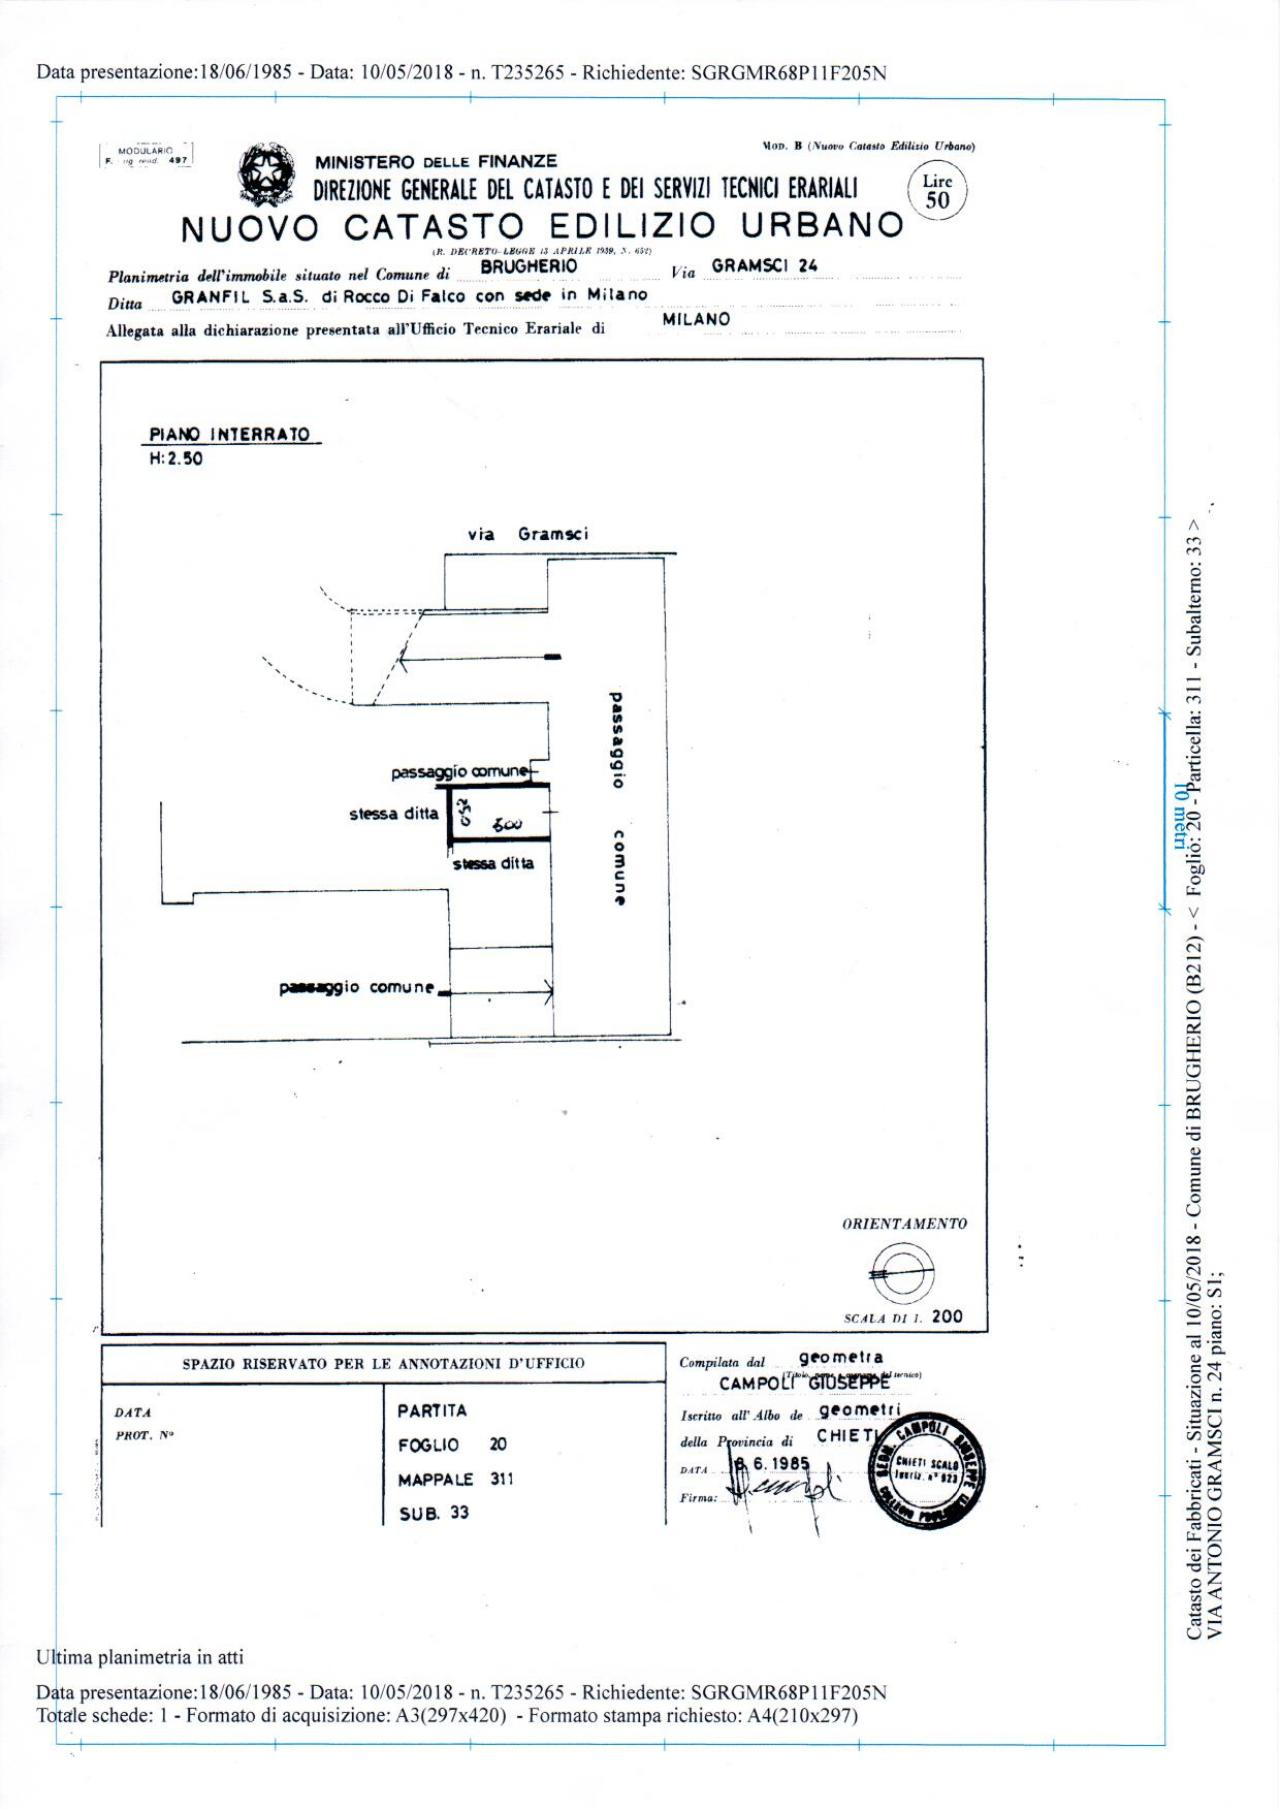 csi 464 - CSI s.a.s. Centro Servizi Immobiliari 9e7d82023f28